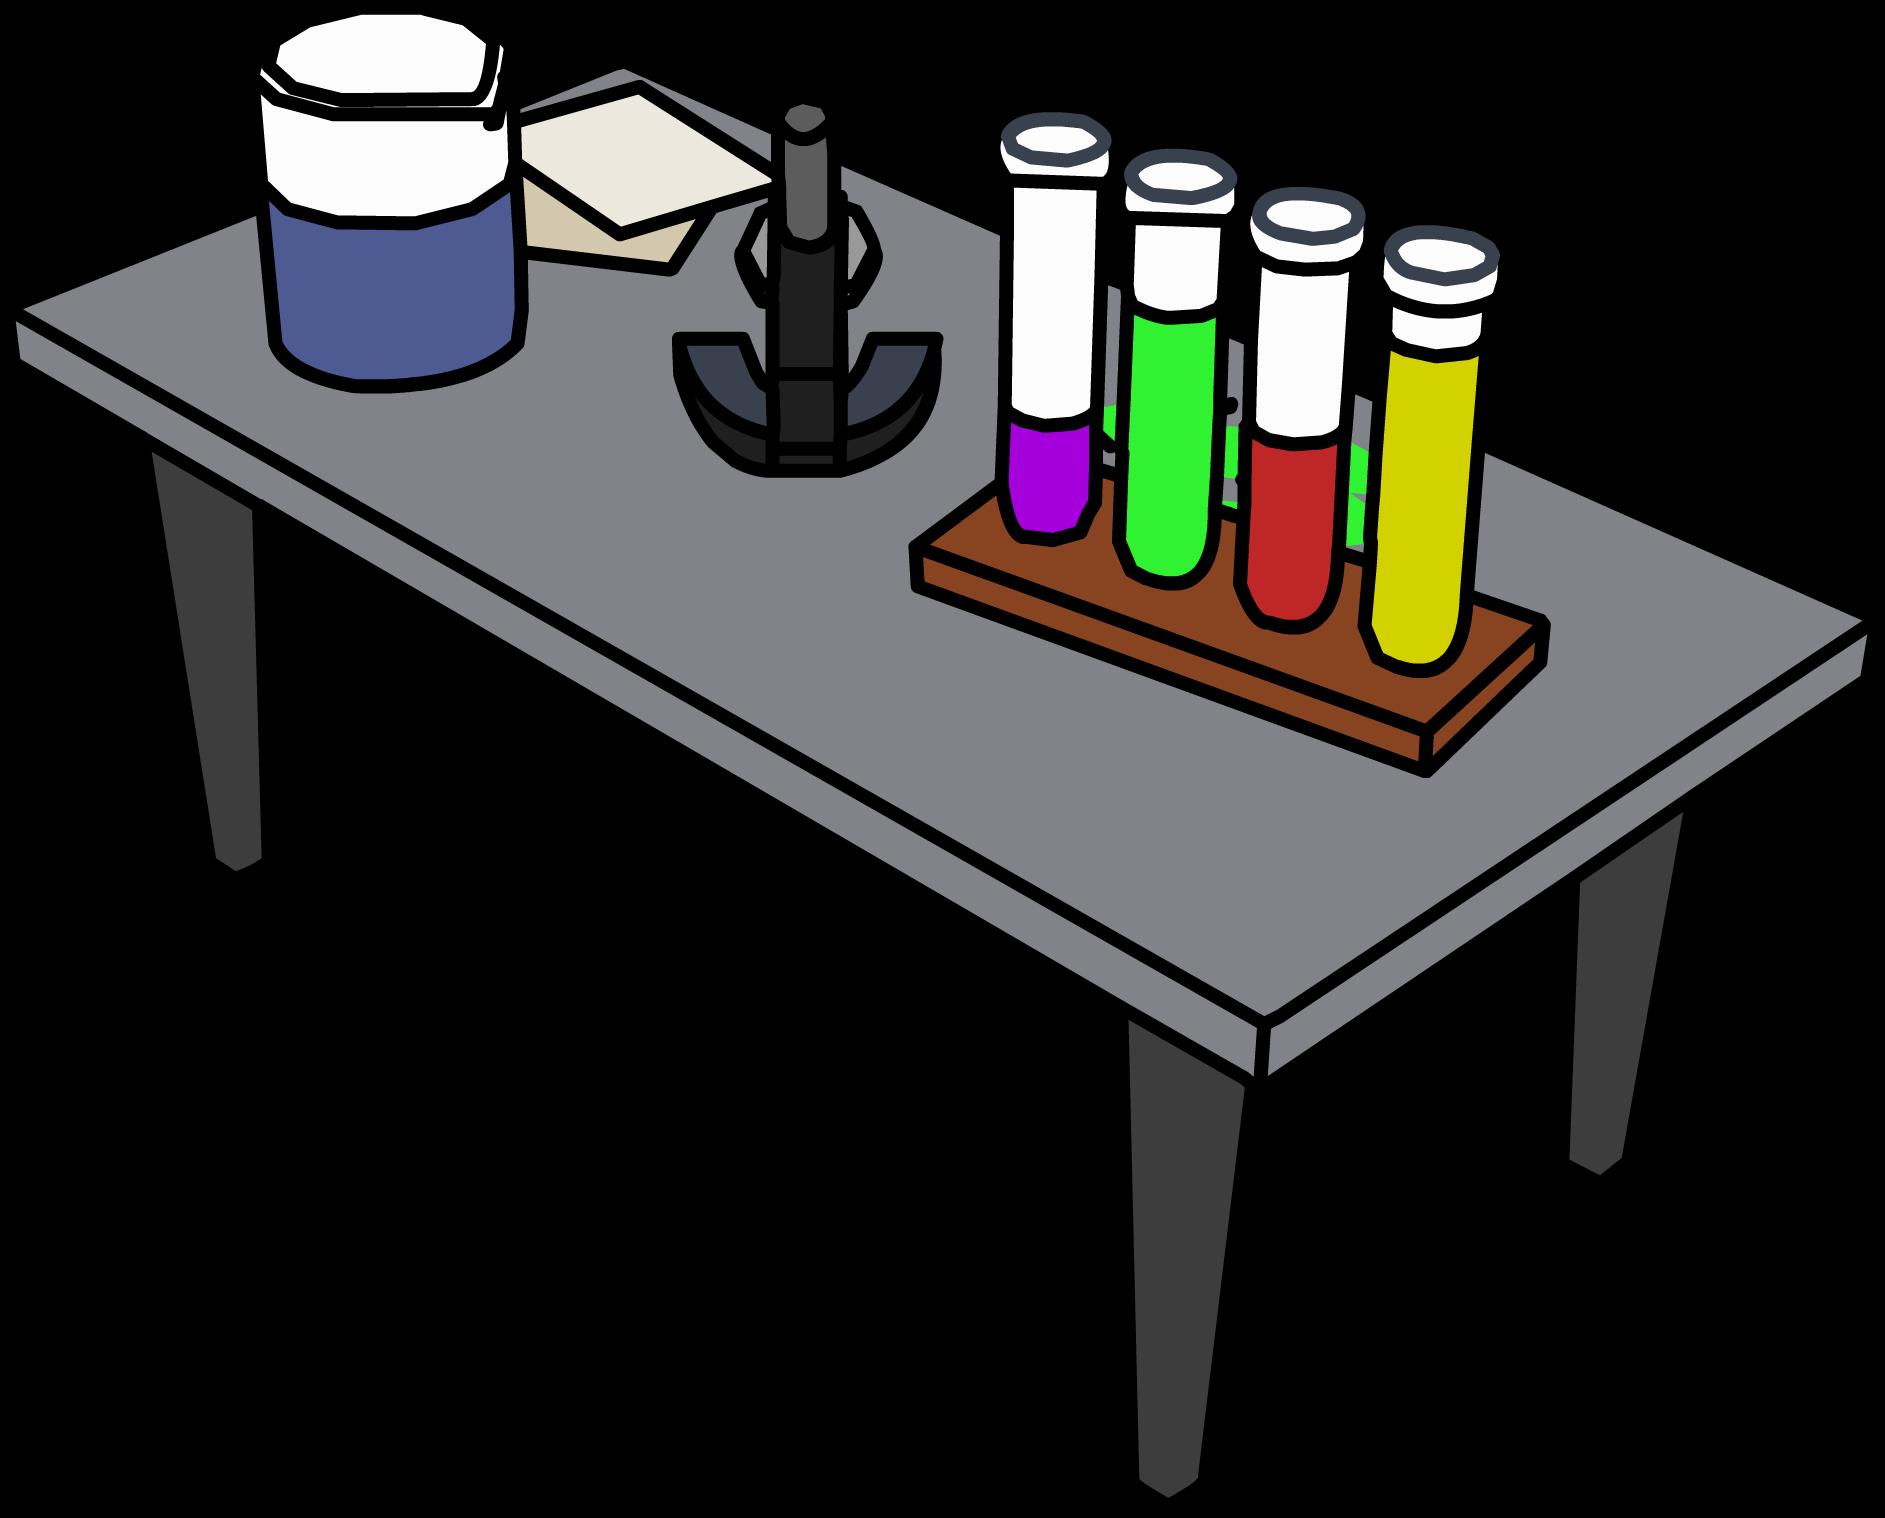 Desk clipart literature. Laboratory table clip art